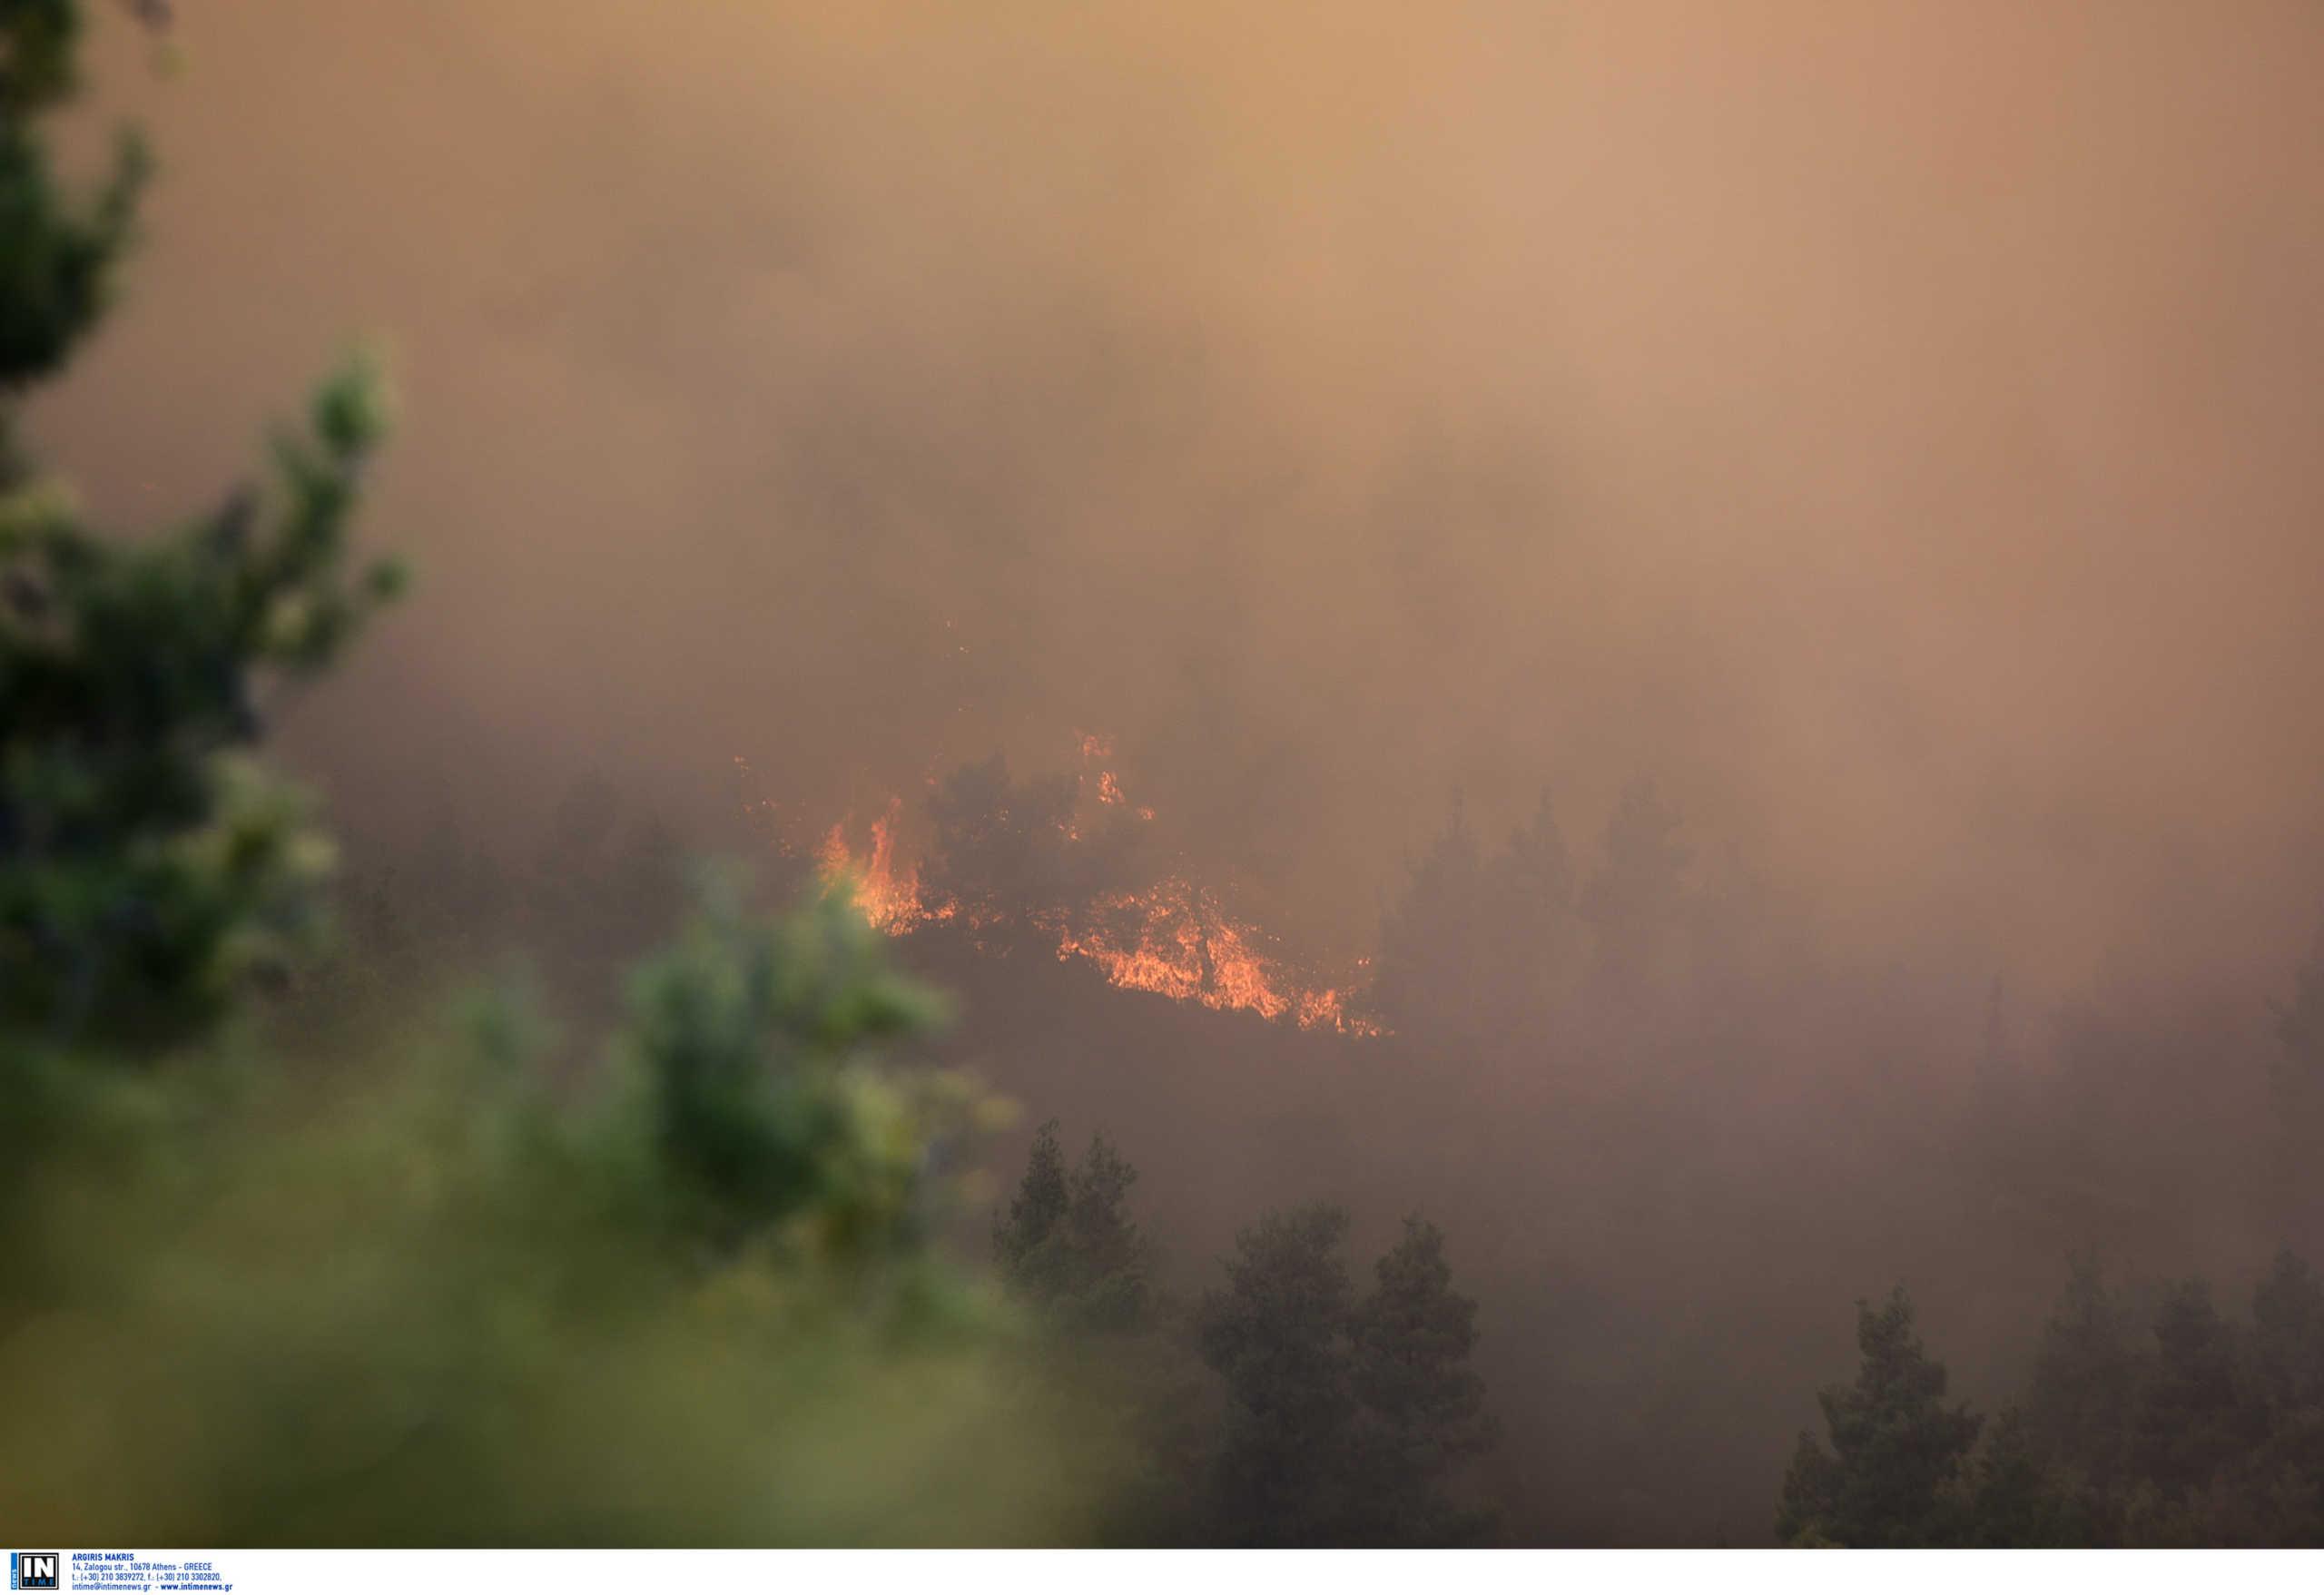 Πάτρα: Μαίνεται η φωτιά στην Άνω Καλλιθέα (video)